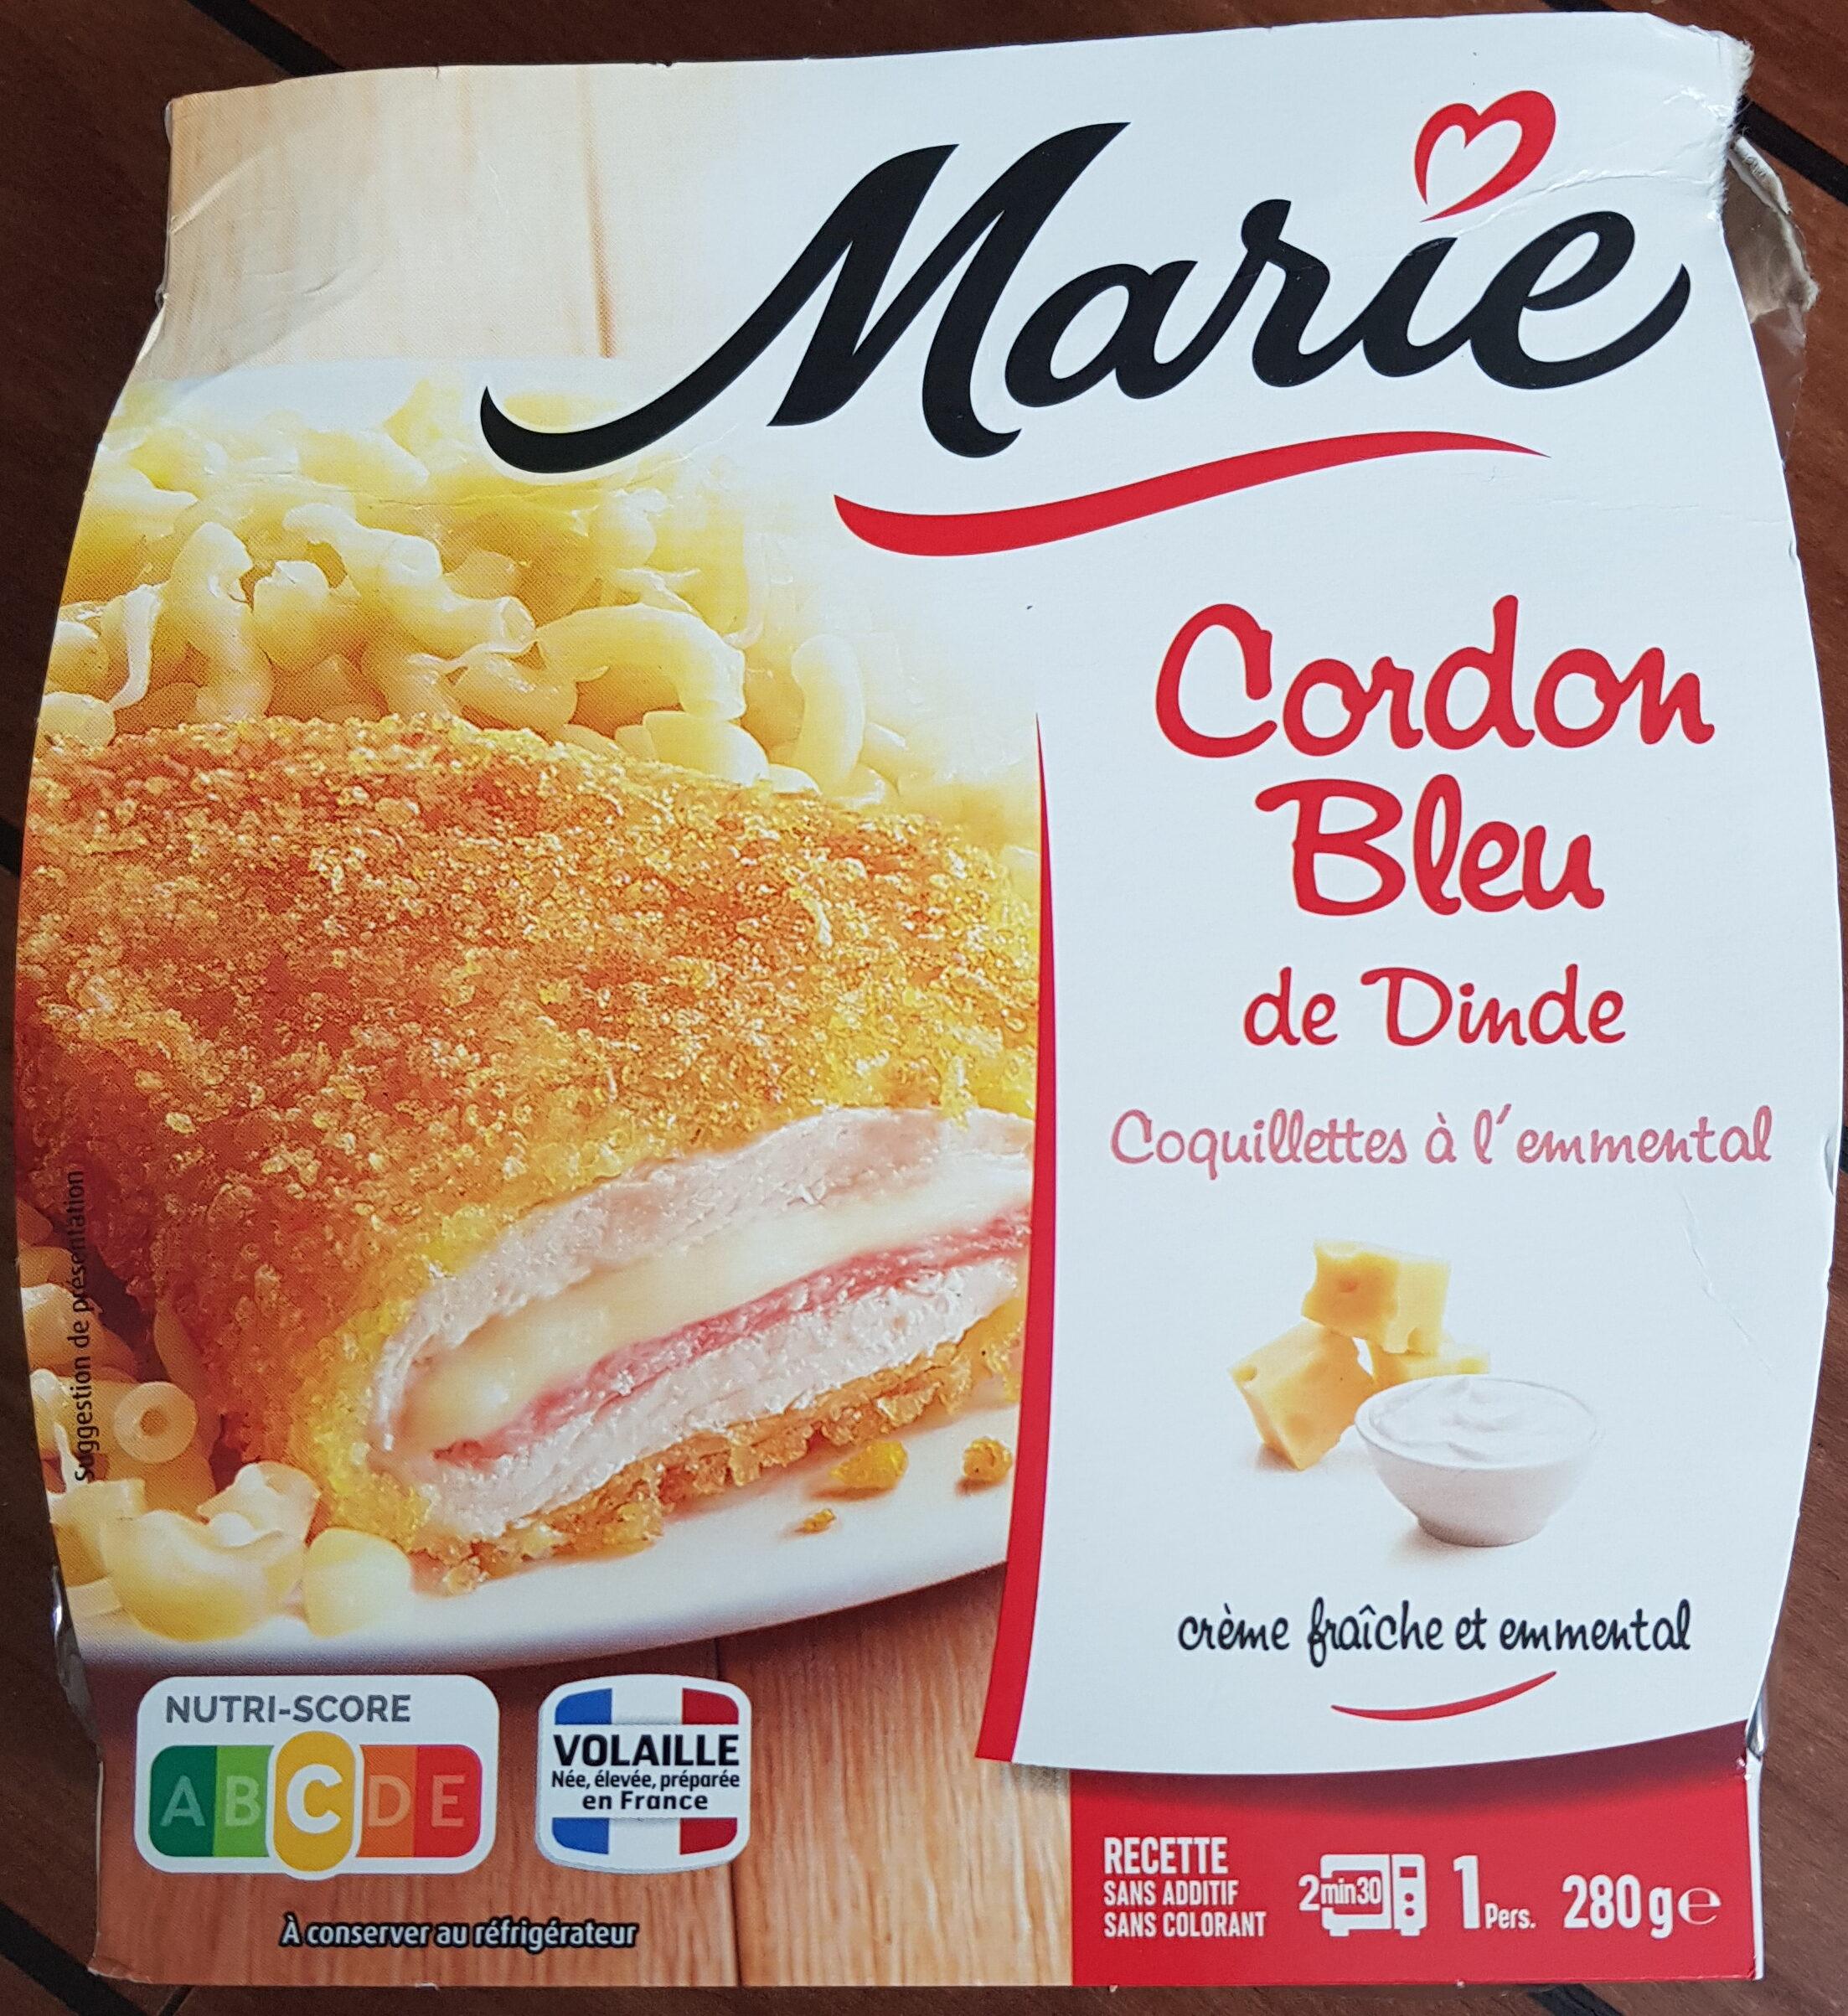 Cordon bleu coquillettes au fromage - Produit - fr